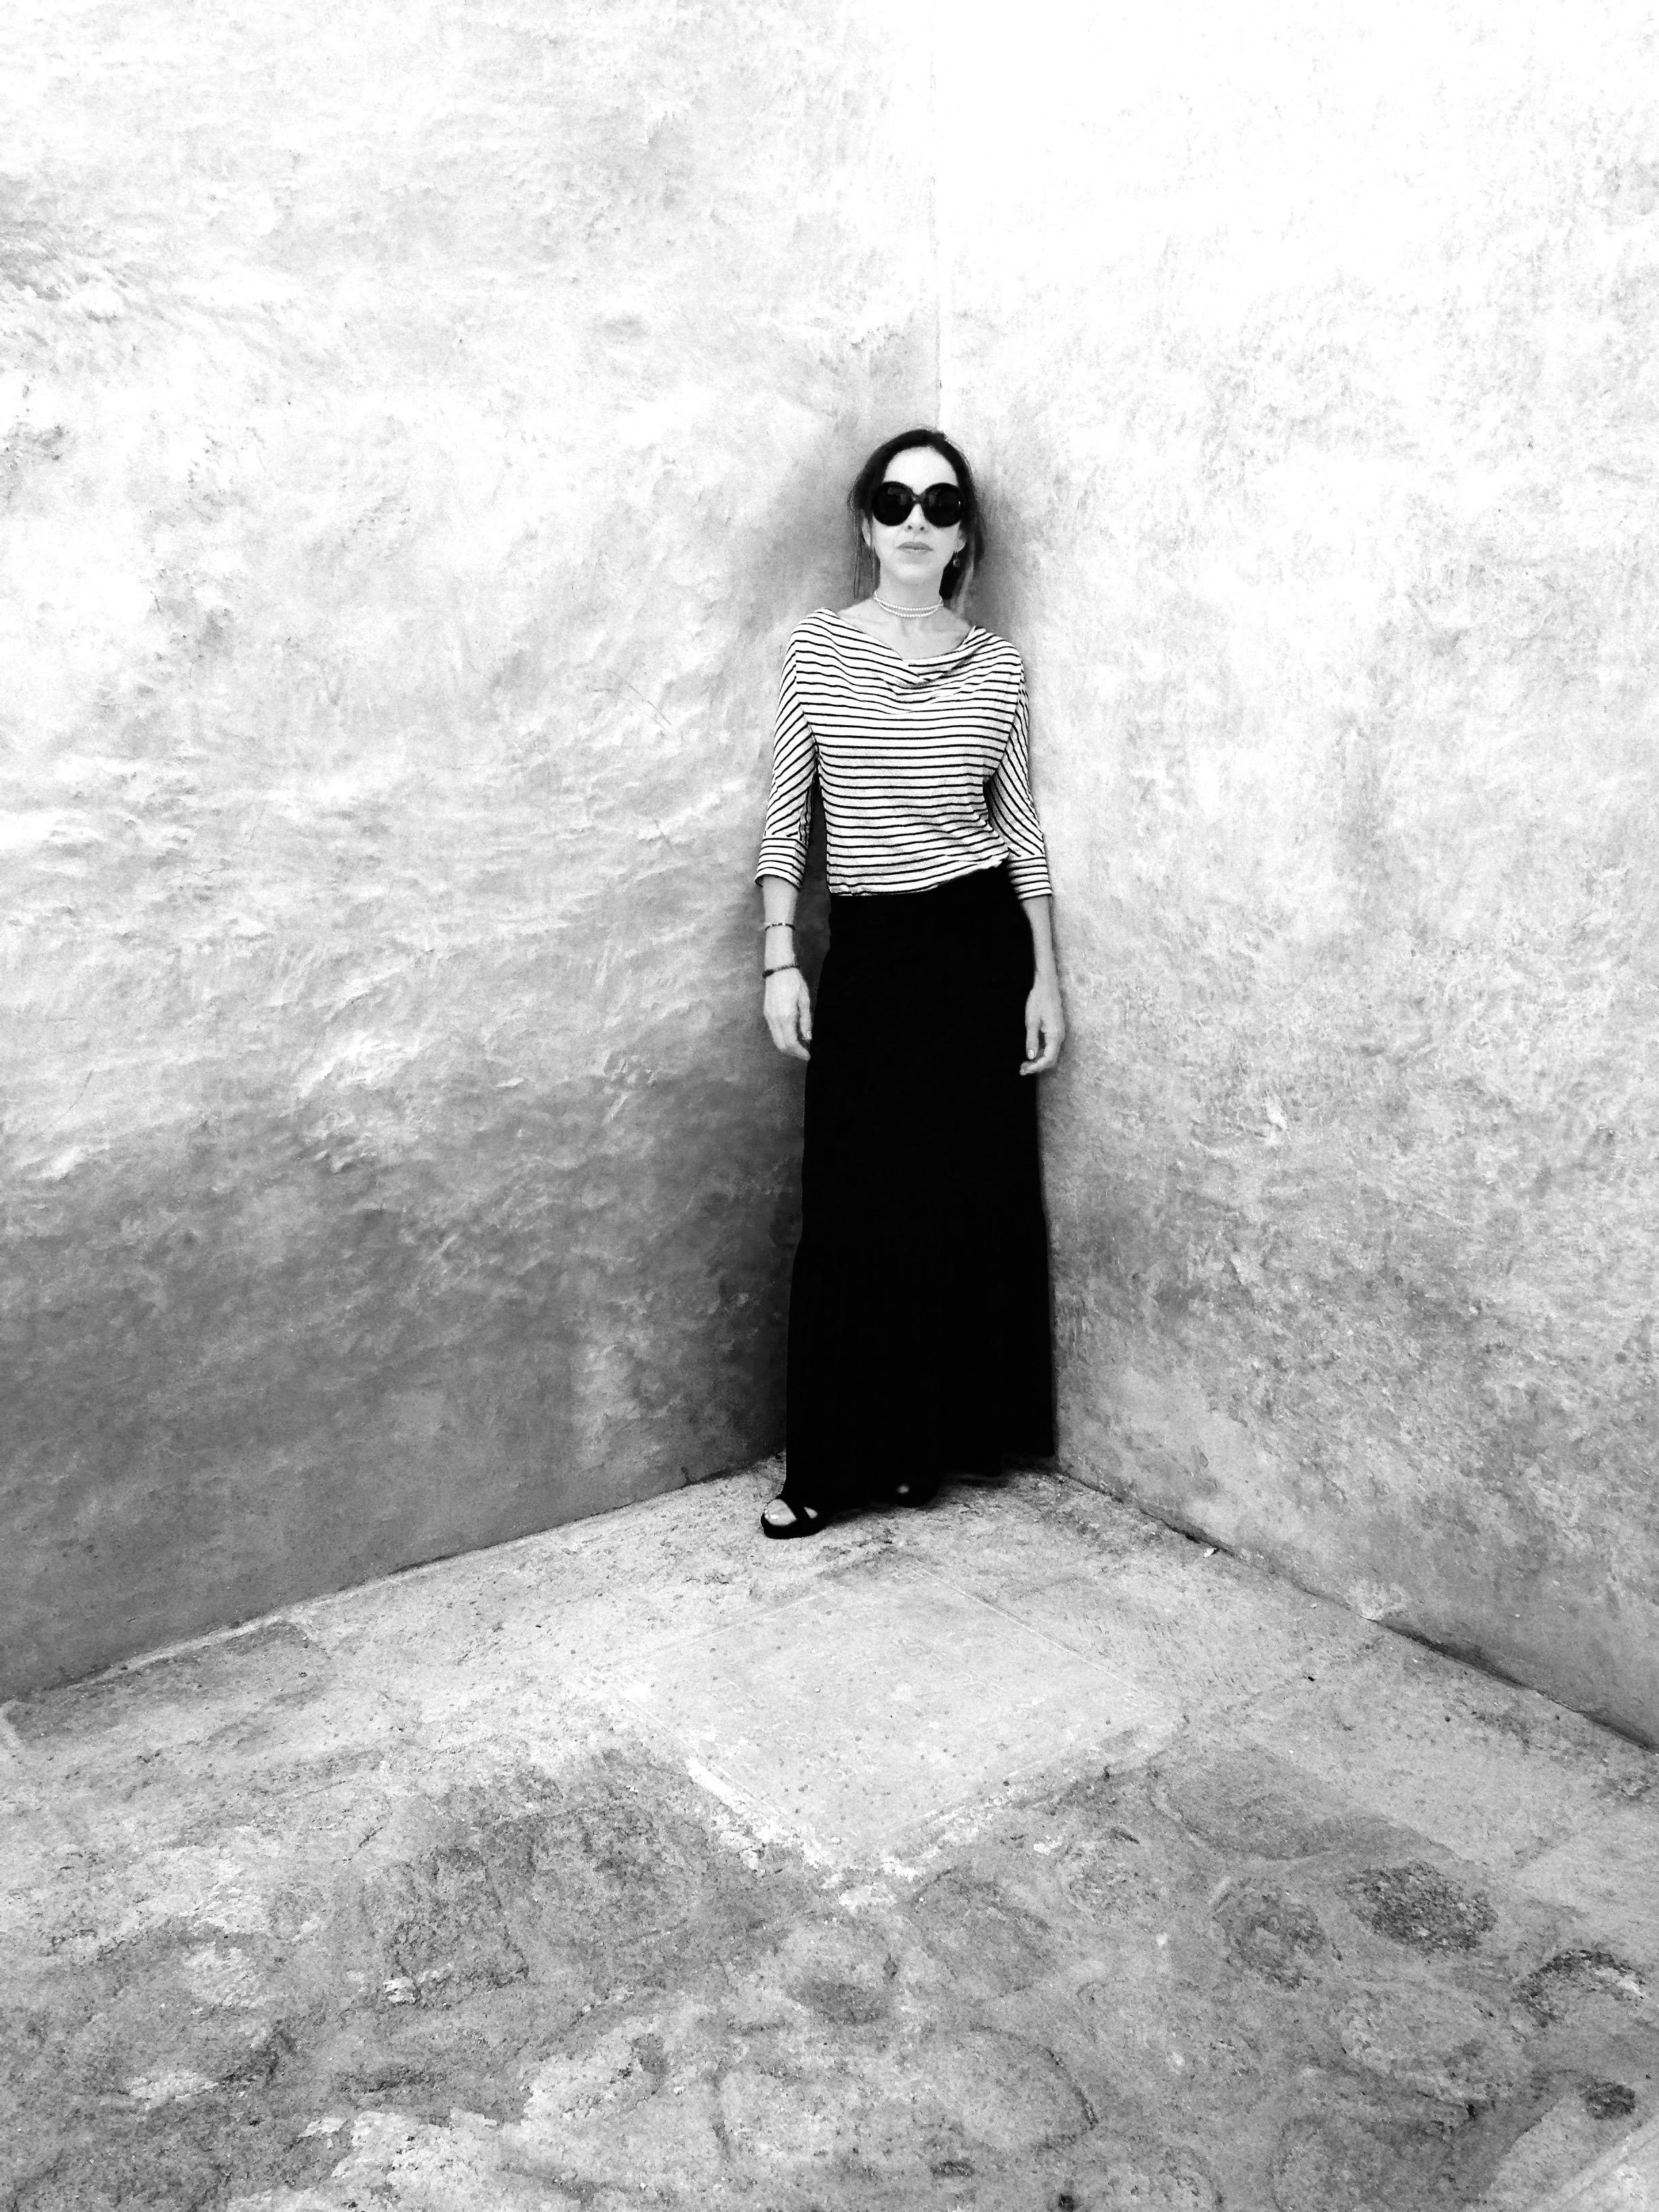 Ariadna in Cuernavaca #3